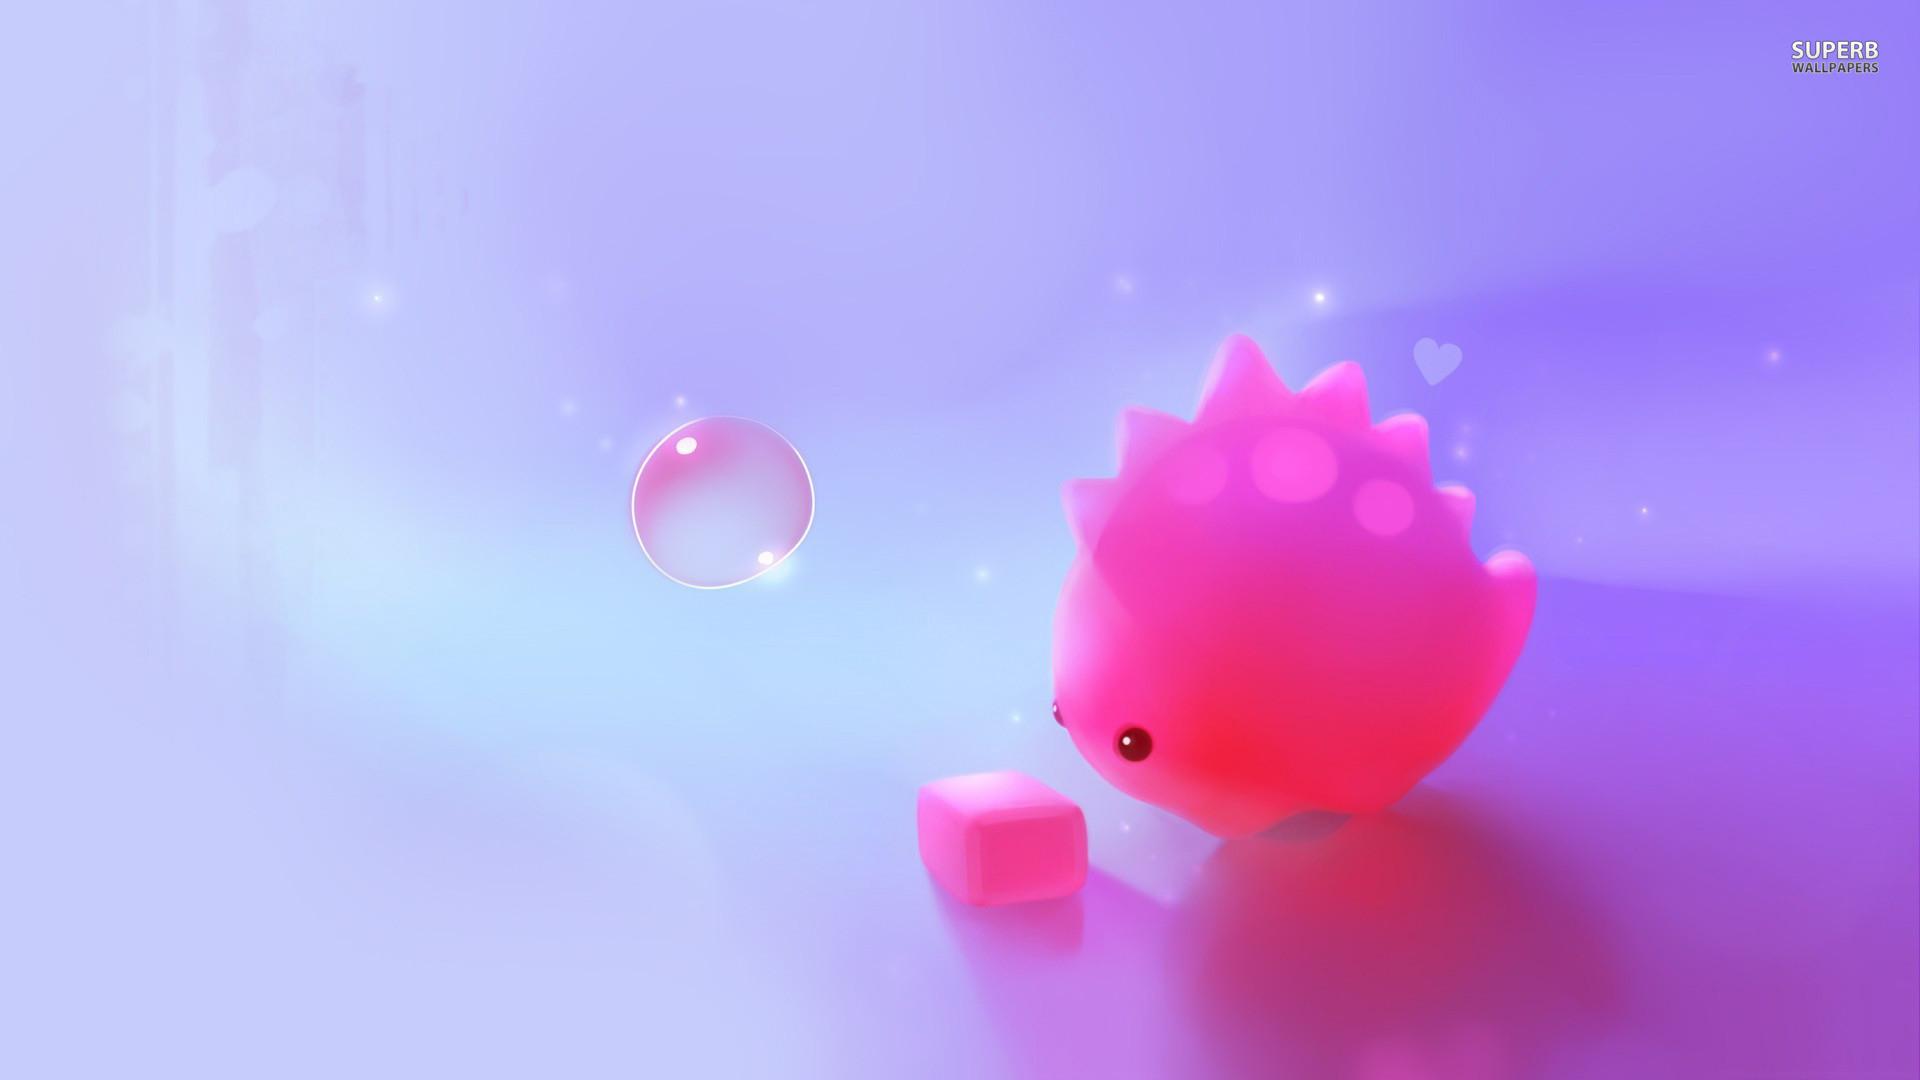 Cute Black And Pink Wallpaper 3 Desktop Wallpaper